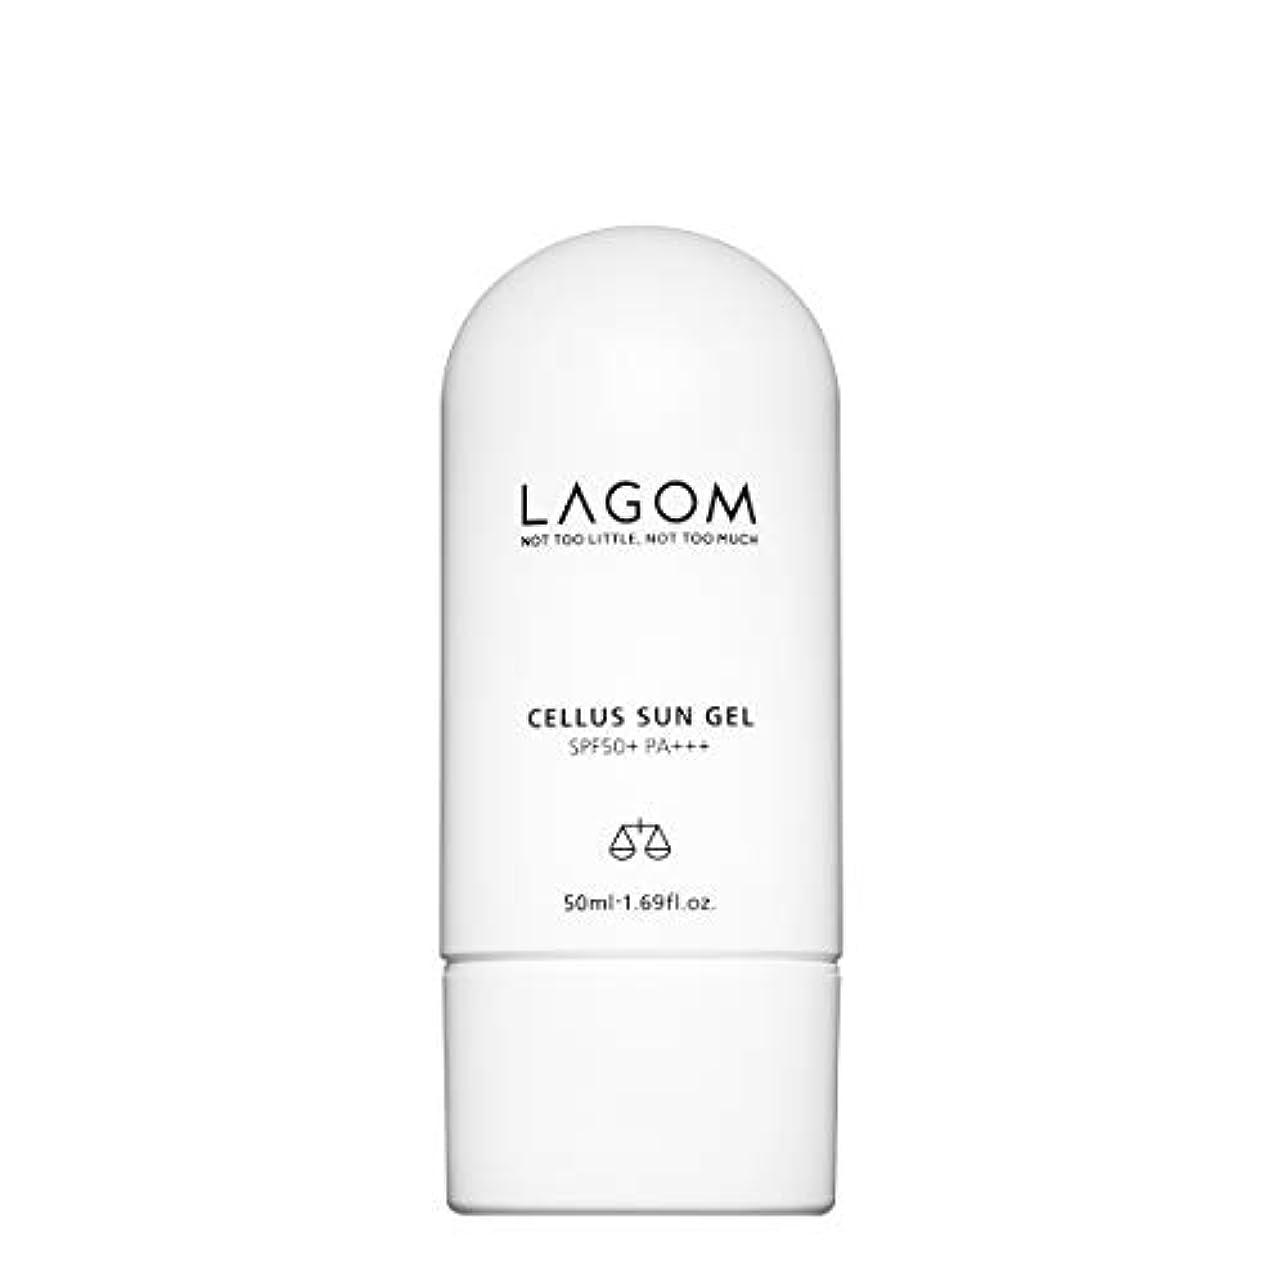 ラゴム サンジェル 50ml (日焼け止め乳液) SPF50+/PA+++ 国内正規品